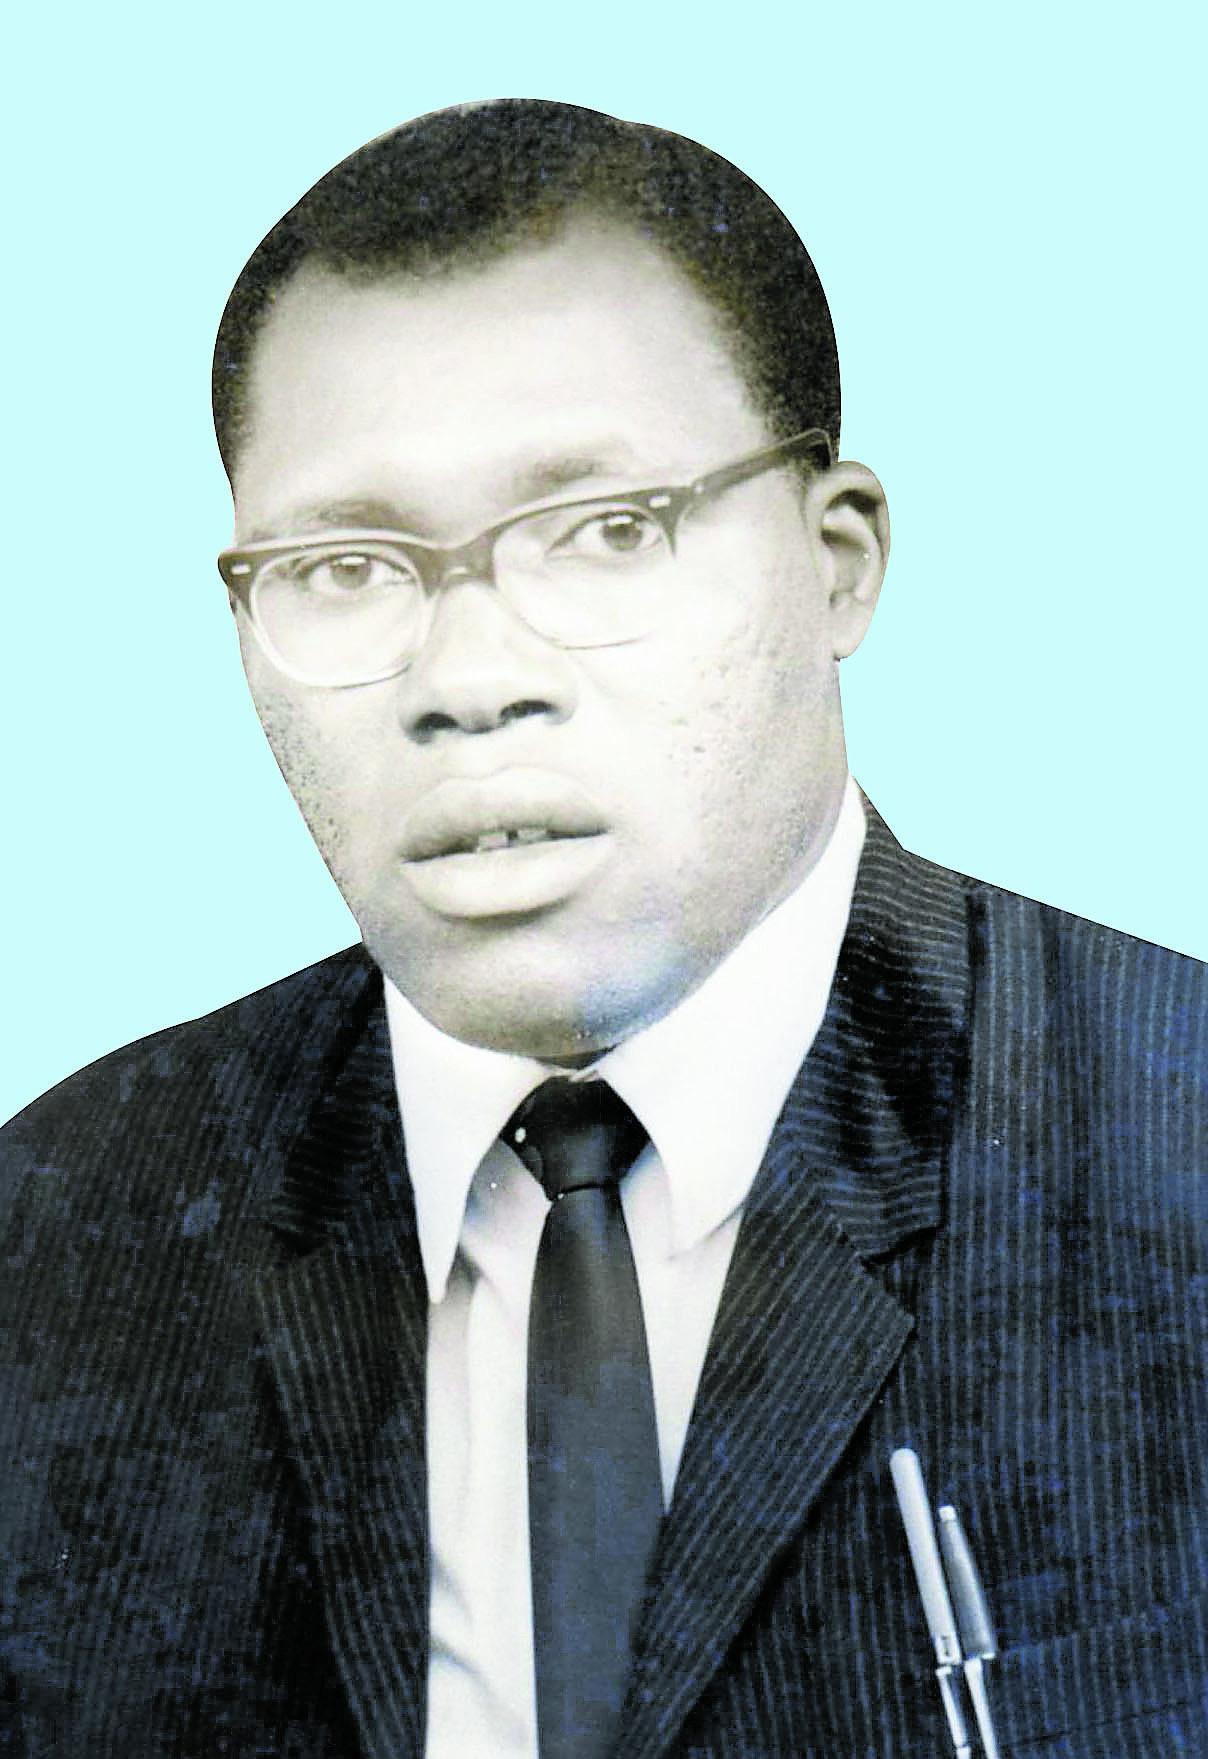 George Nelson Ndungu